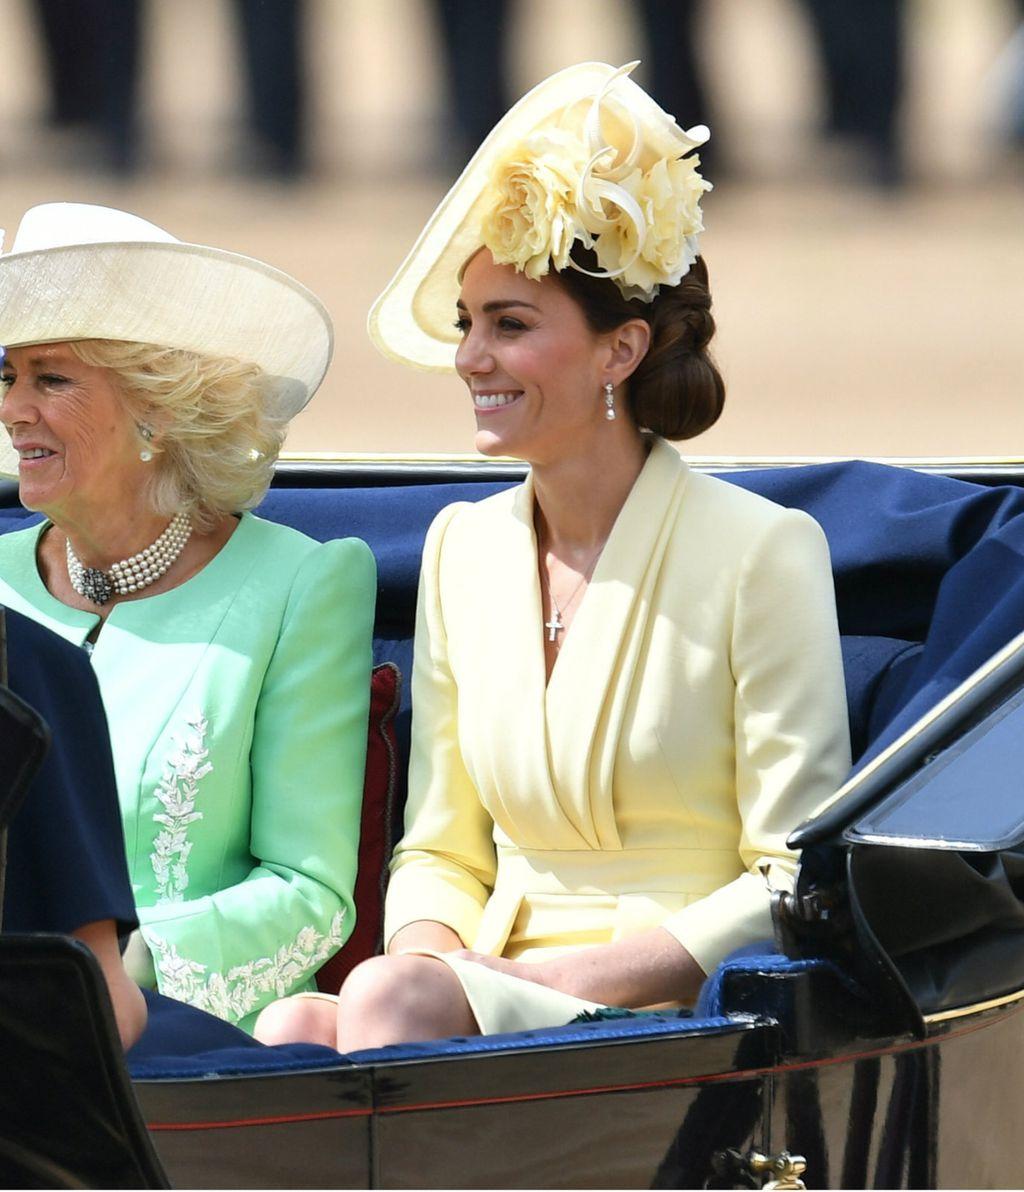 Catherine je nosila žutu haljinu i šešir u istoj boji